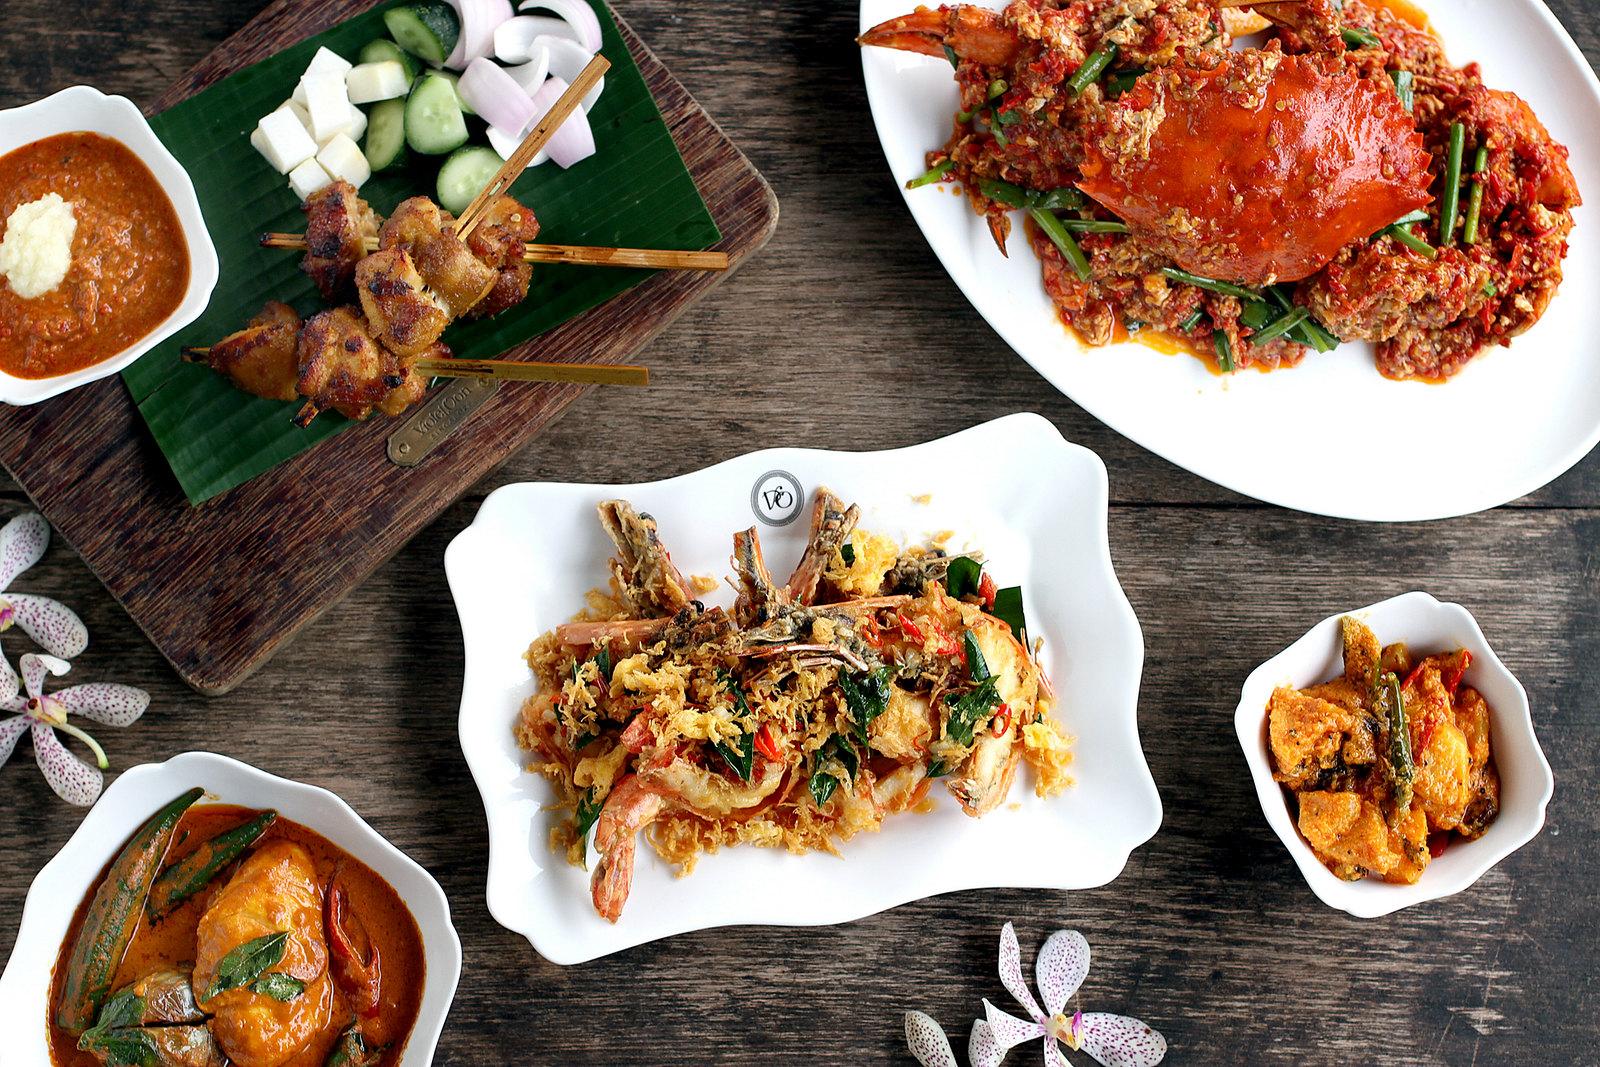 新加坡紫燕麦国家厨房-食品传播